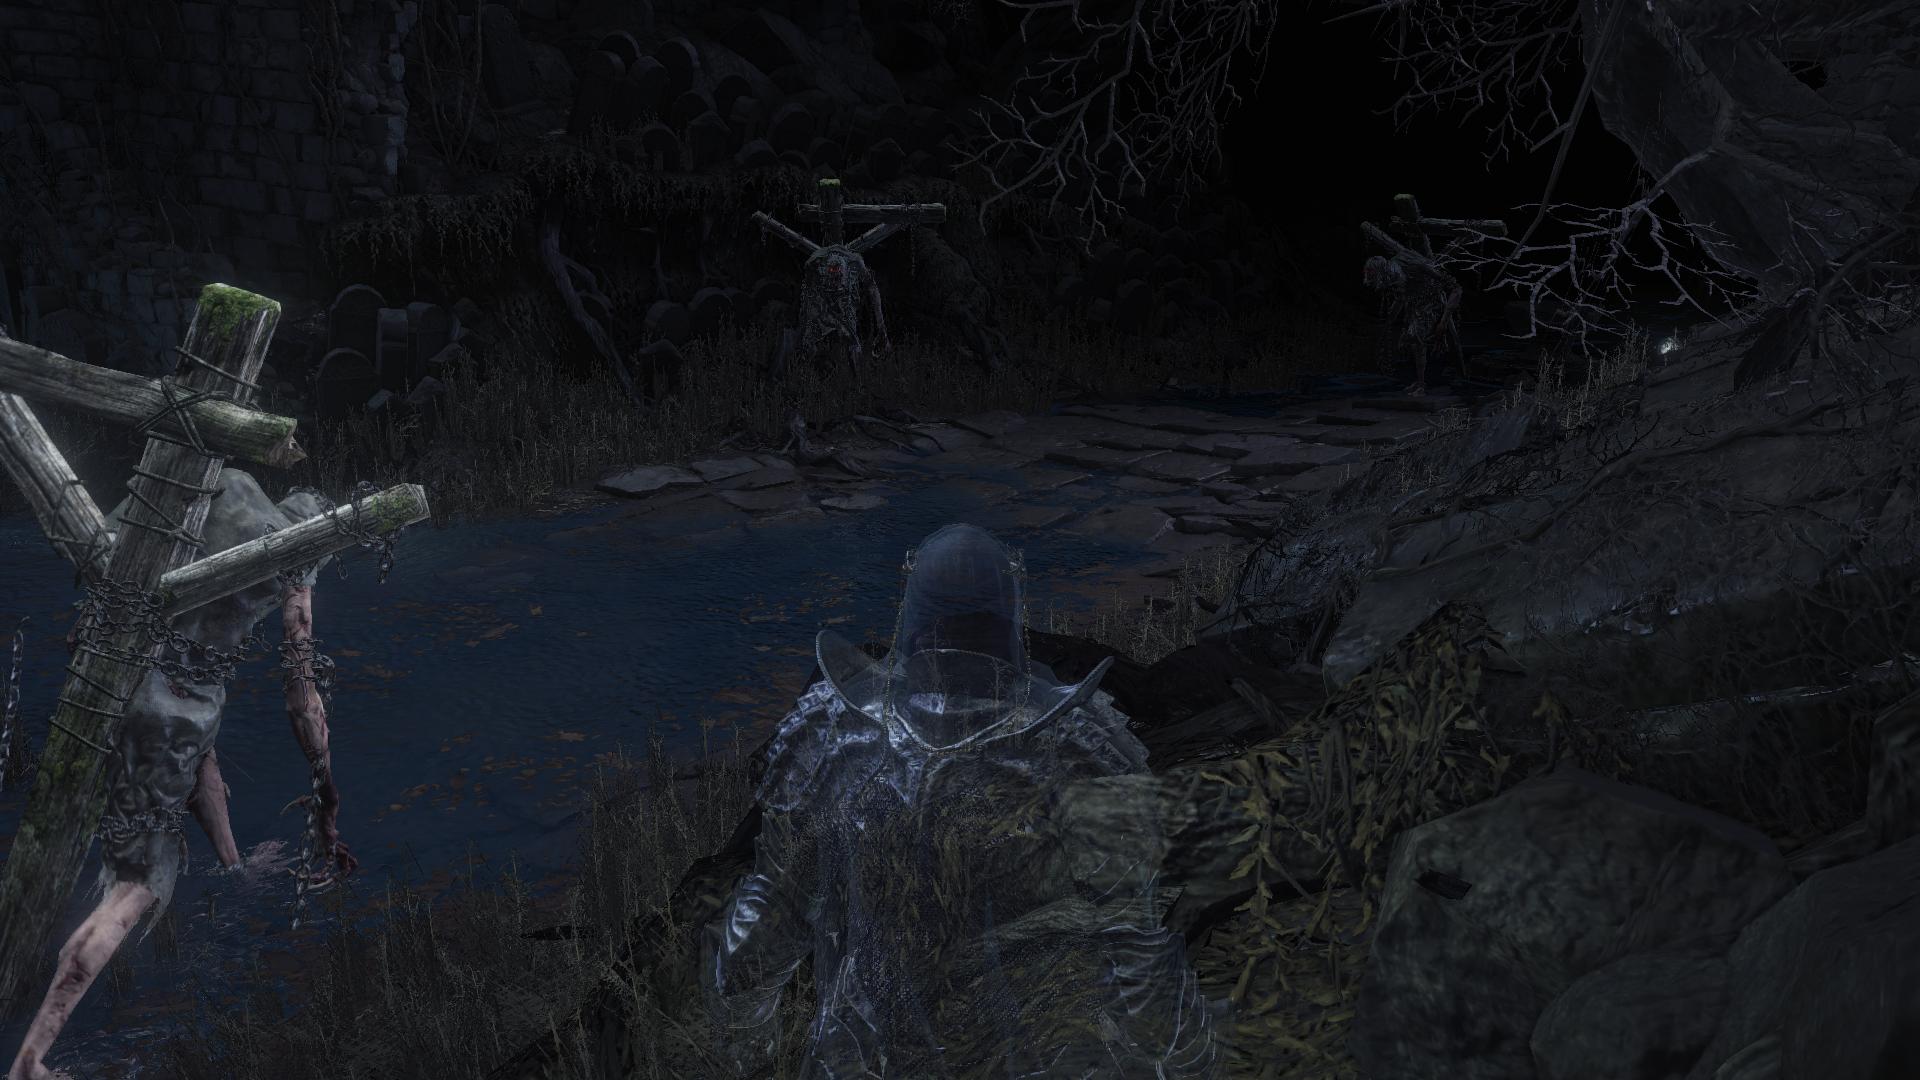 Свыше тысячи врагов и новая броня: для Dark Souls 3 вышел очередной масштабный мод